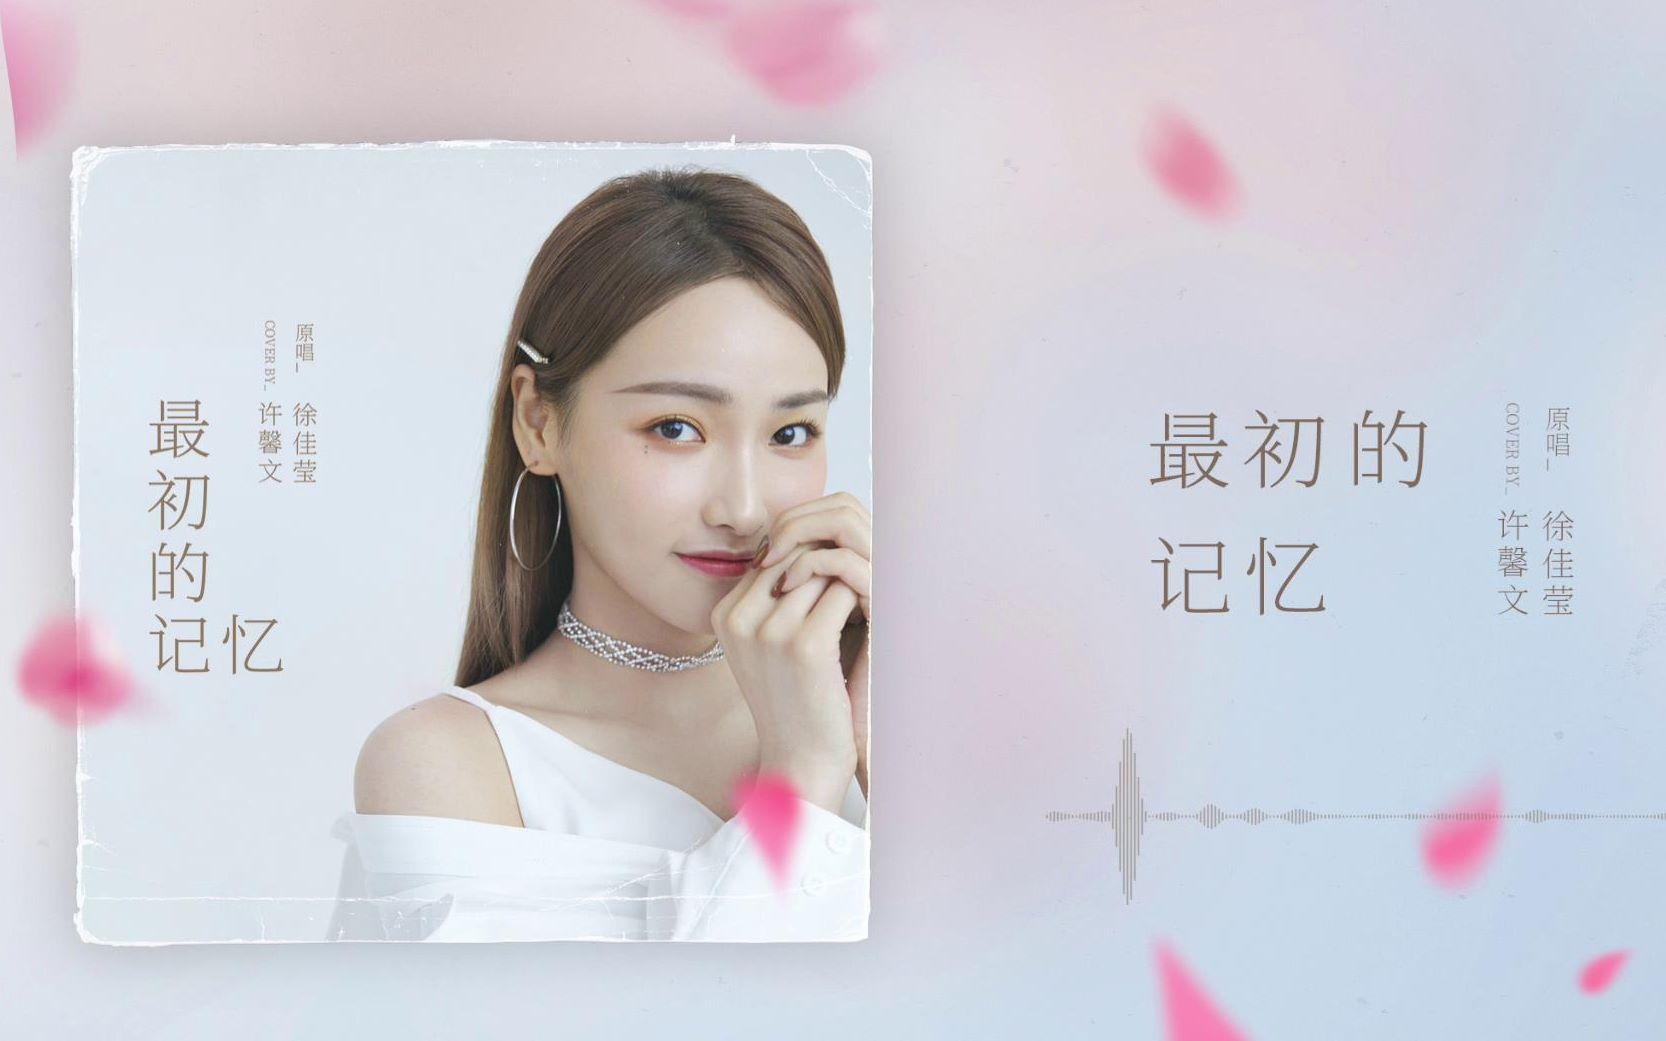 飘帅mp4_许馨文 《最初的记忆》Cover-爱哔哩(B站视频、音频mp3解析下载站)